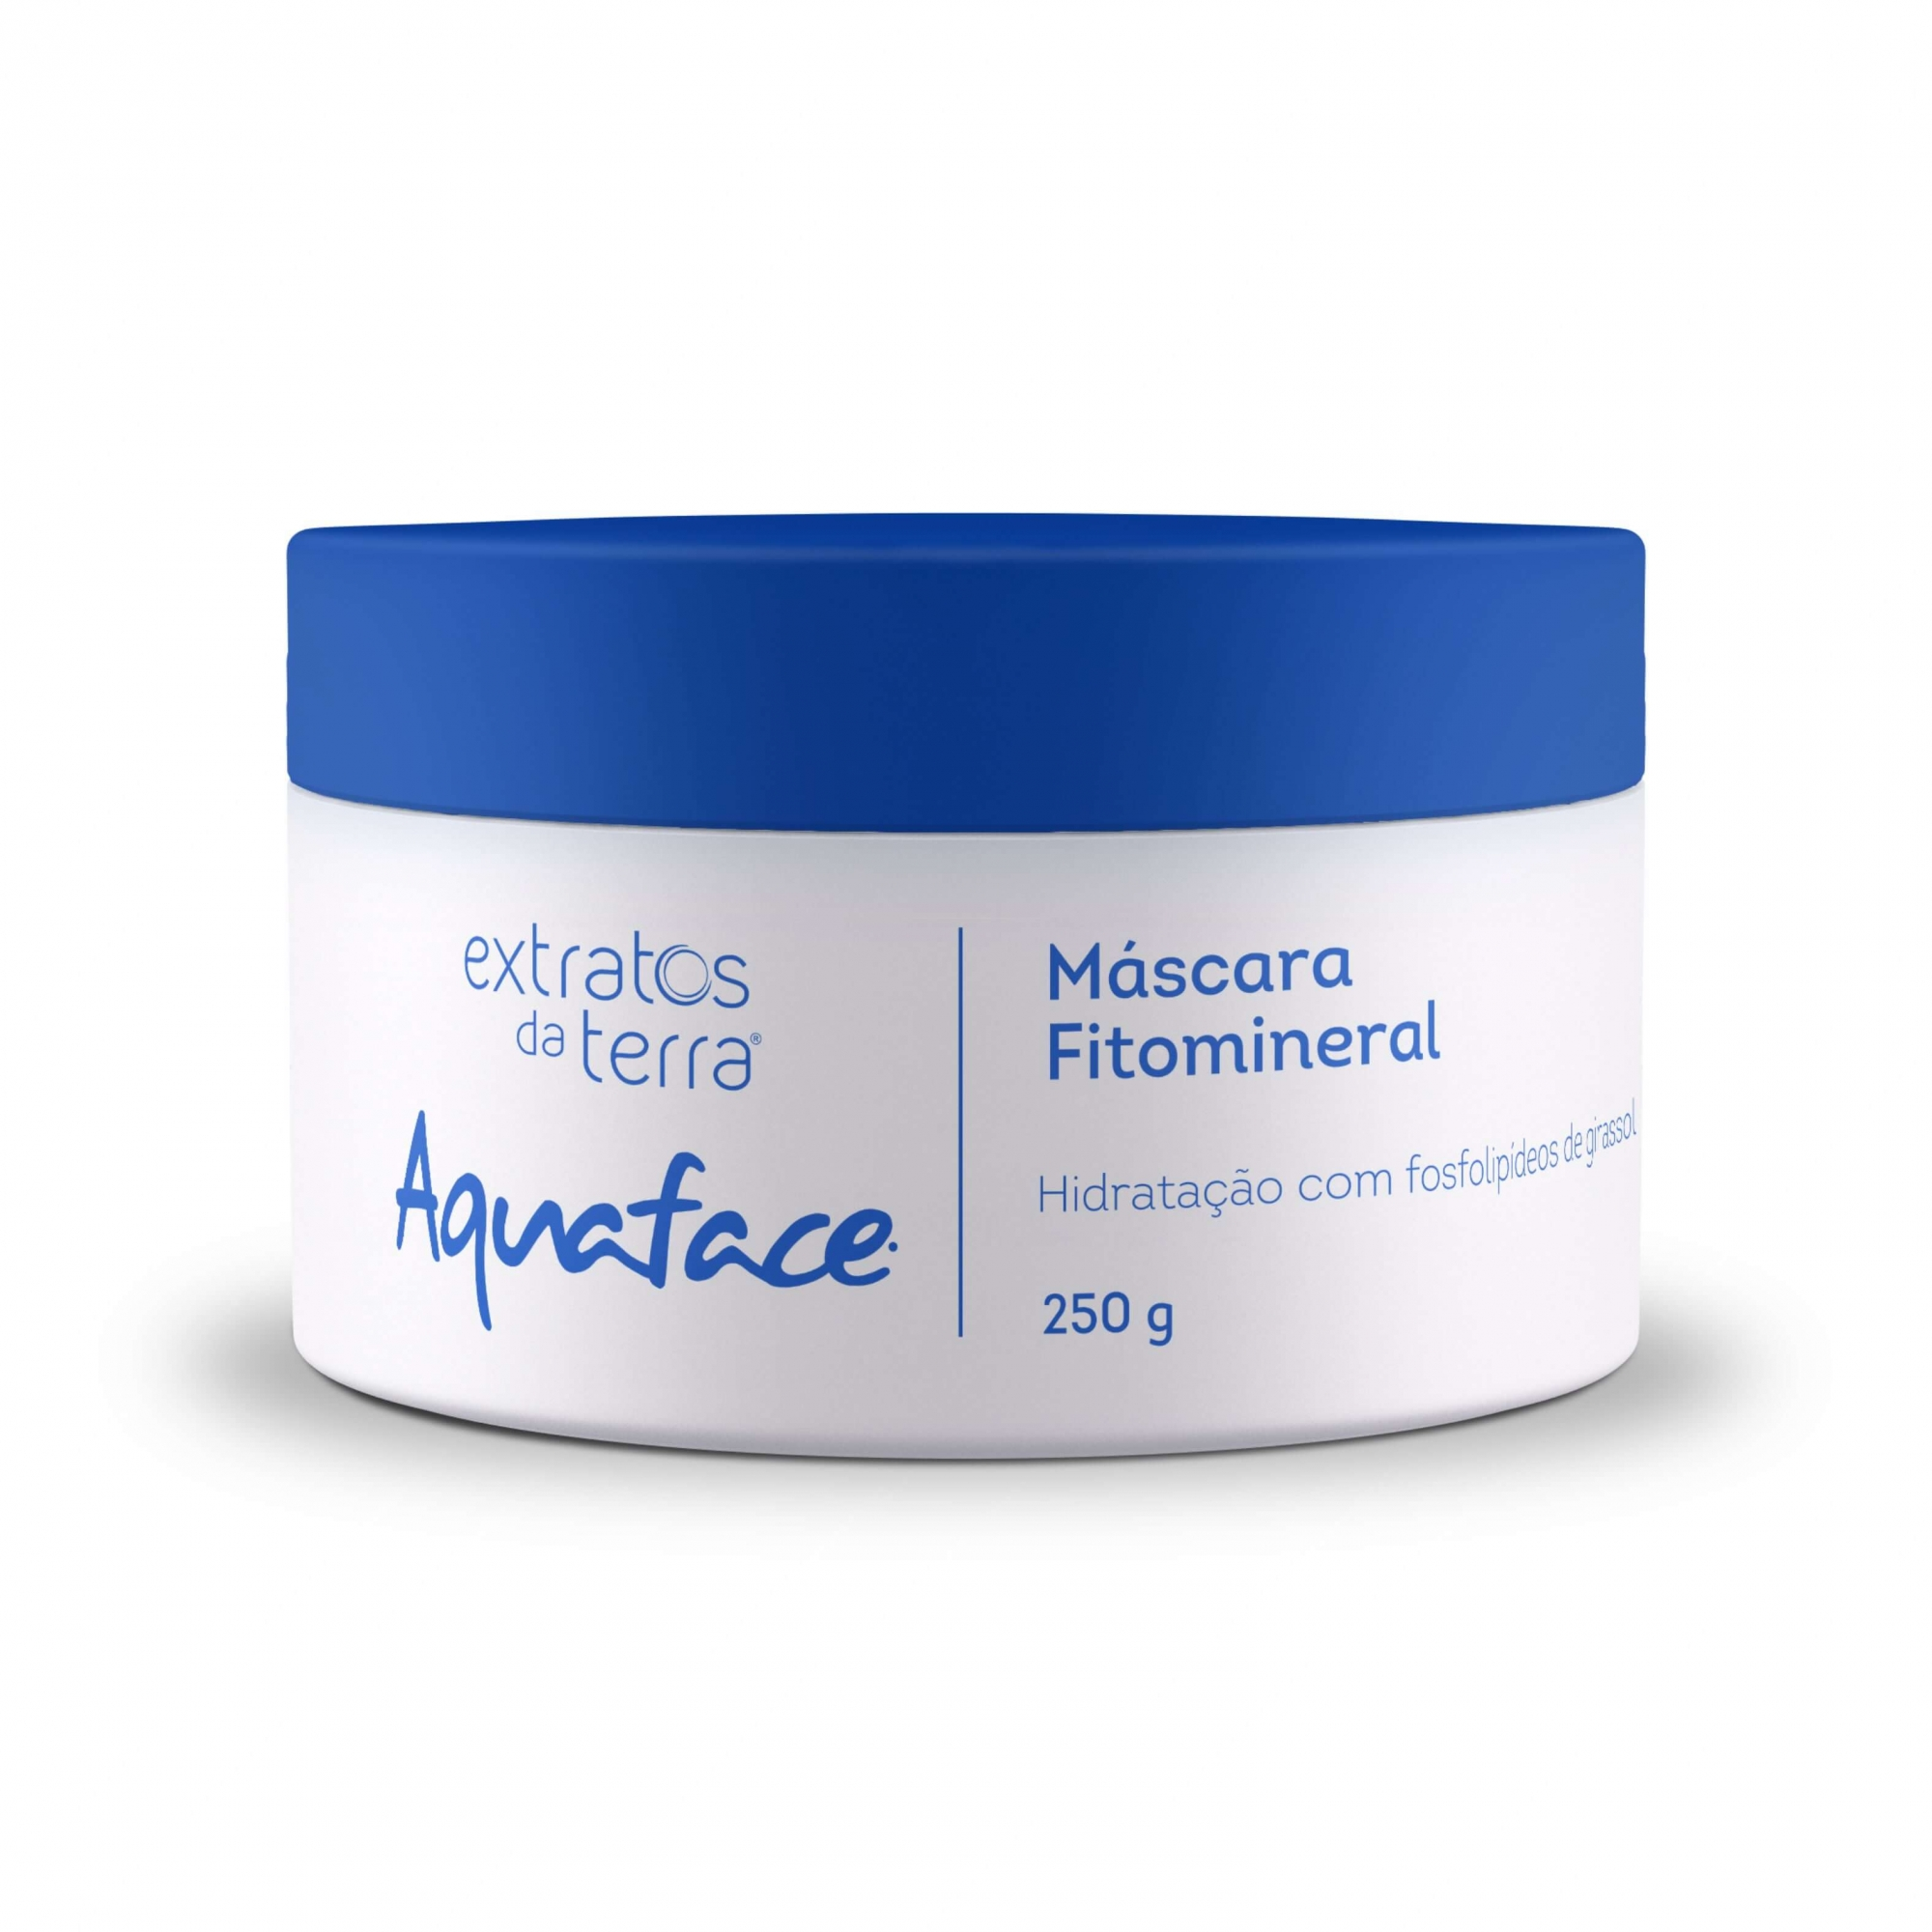 Aquaface - Máscara Fitomineral Extratos Da Terra 250g